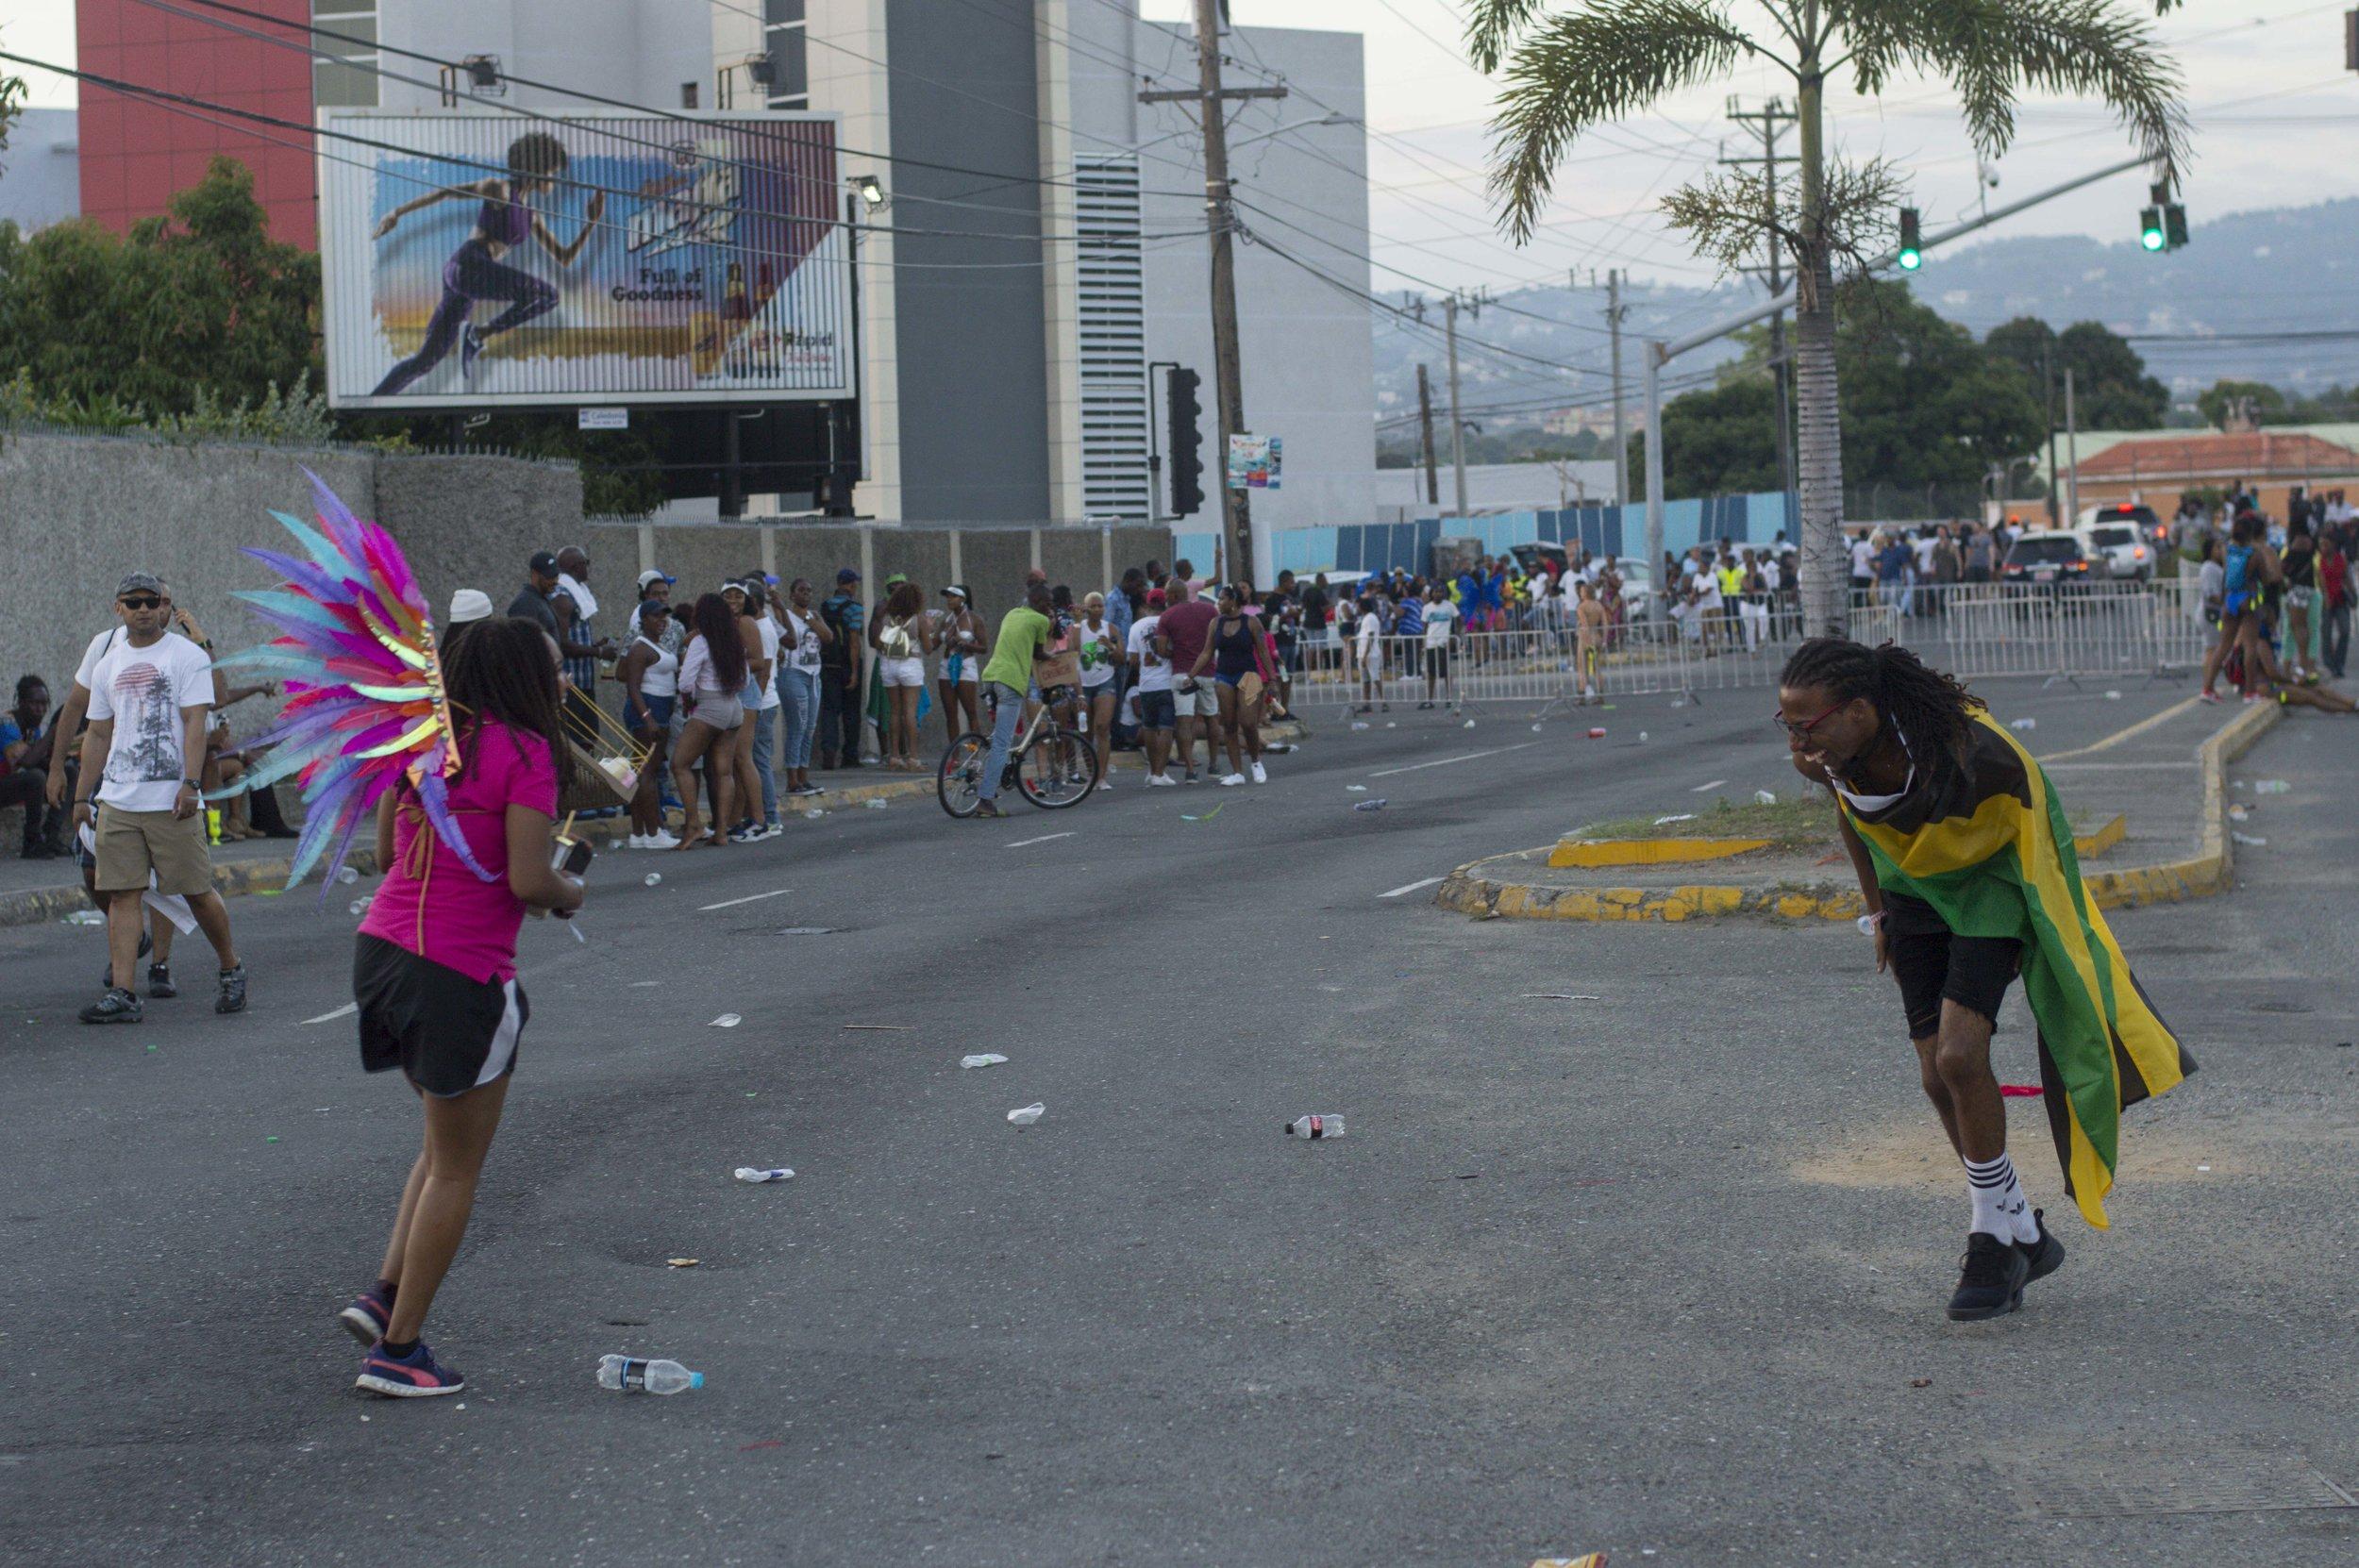 carnival2019_jeanalindo-73.jpg